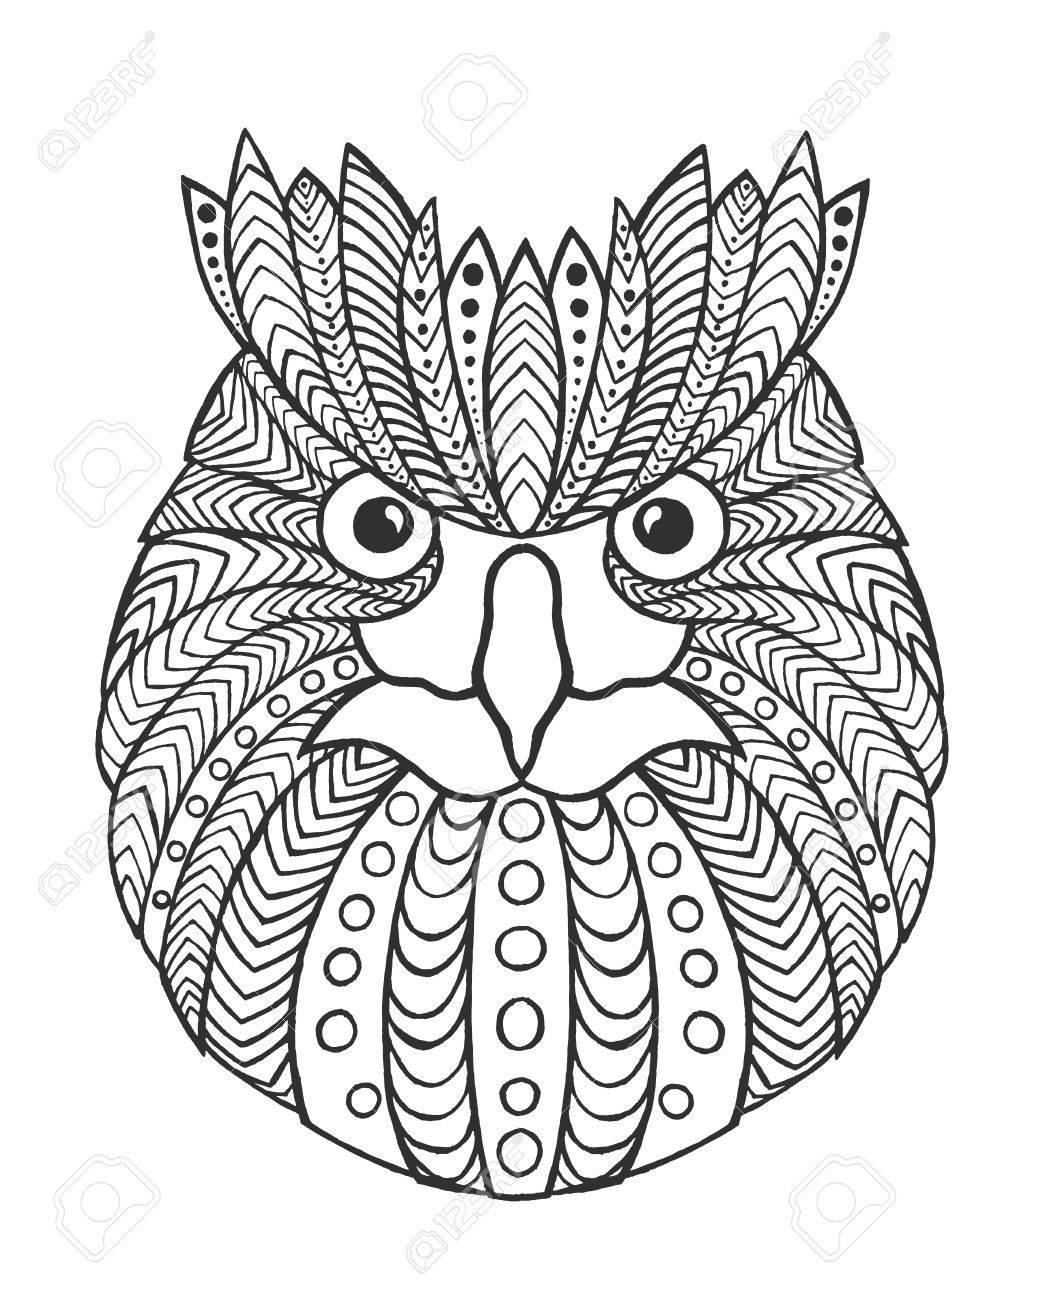 Coloriage Anti Stress Hibou.Tete De Hibou Aigle Adulte Coloriages Antistress Main Blanche Noire Dessinee Animale Doodle Ethnique Vecteur A Motifs Africaine Indien Tribal